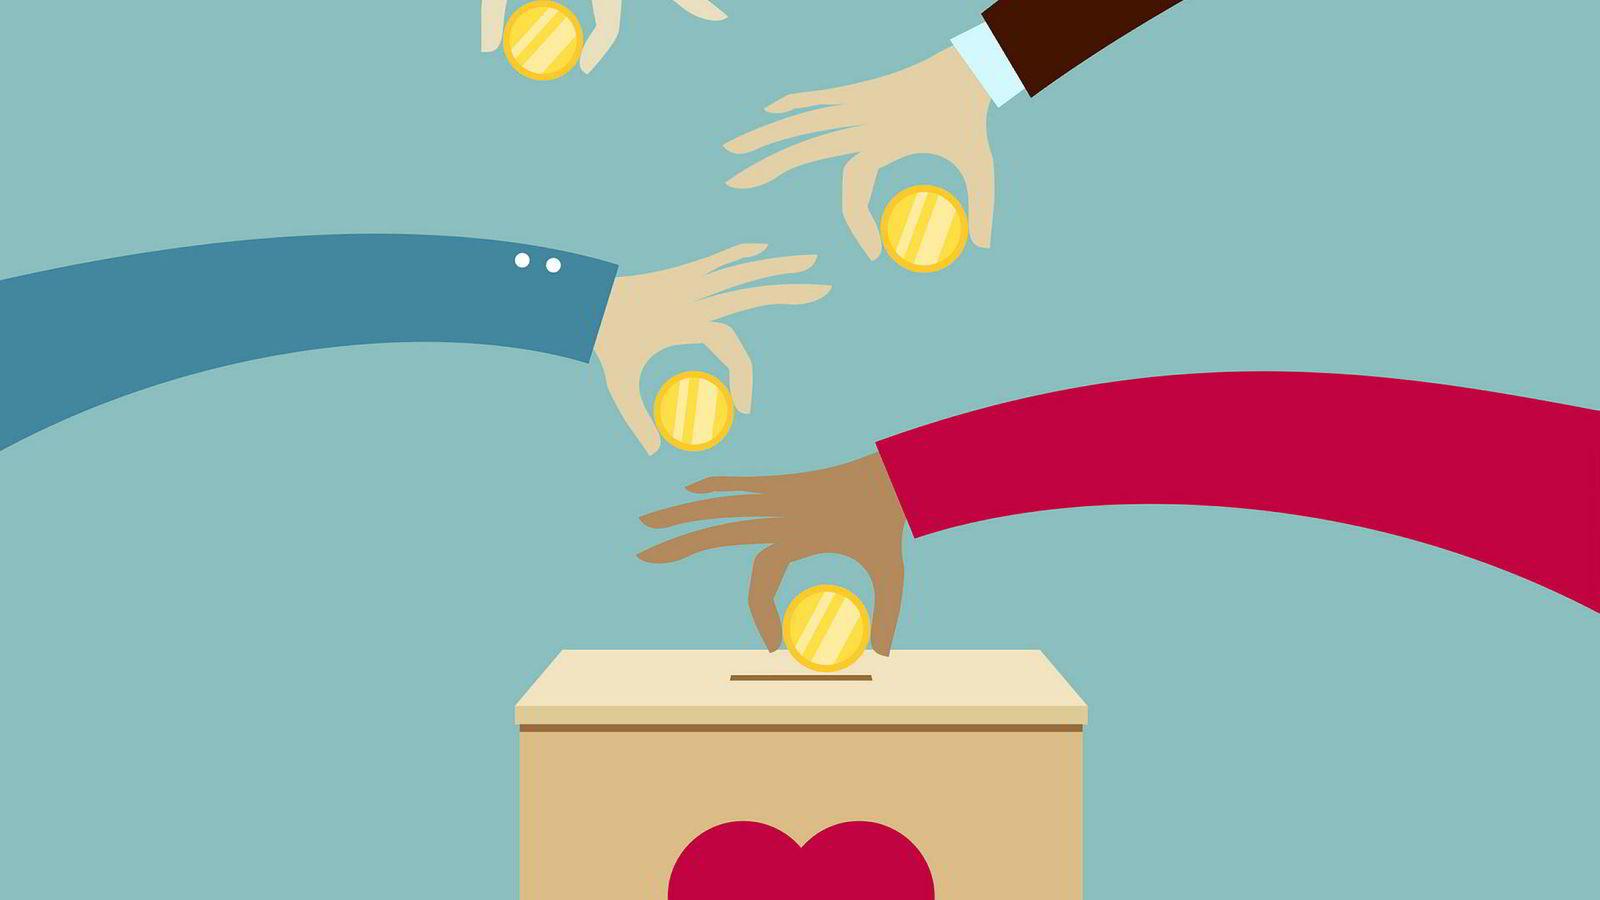 Mer enn en tredjedel av norske stiftelser har mindre enn en million i egenkapital, skriver innleggsforfatteren.